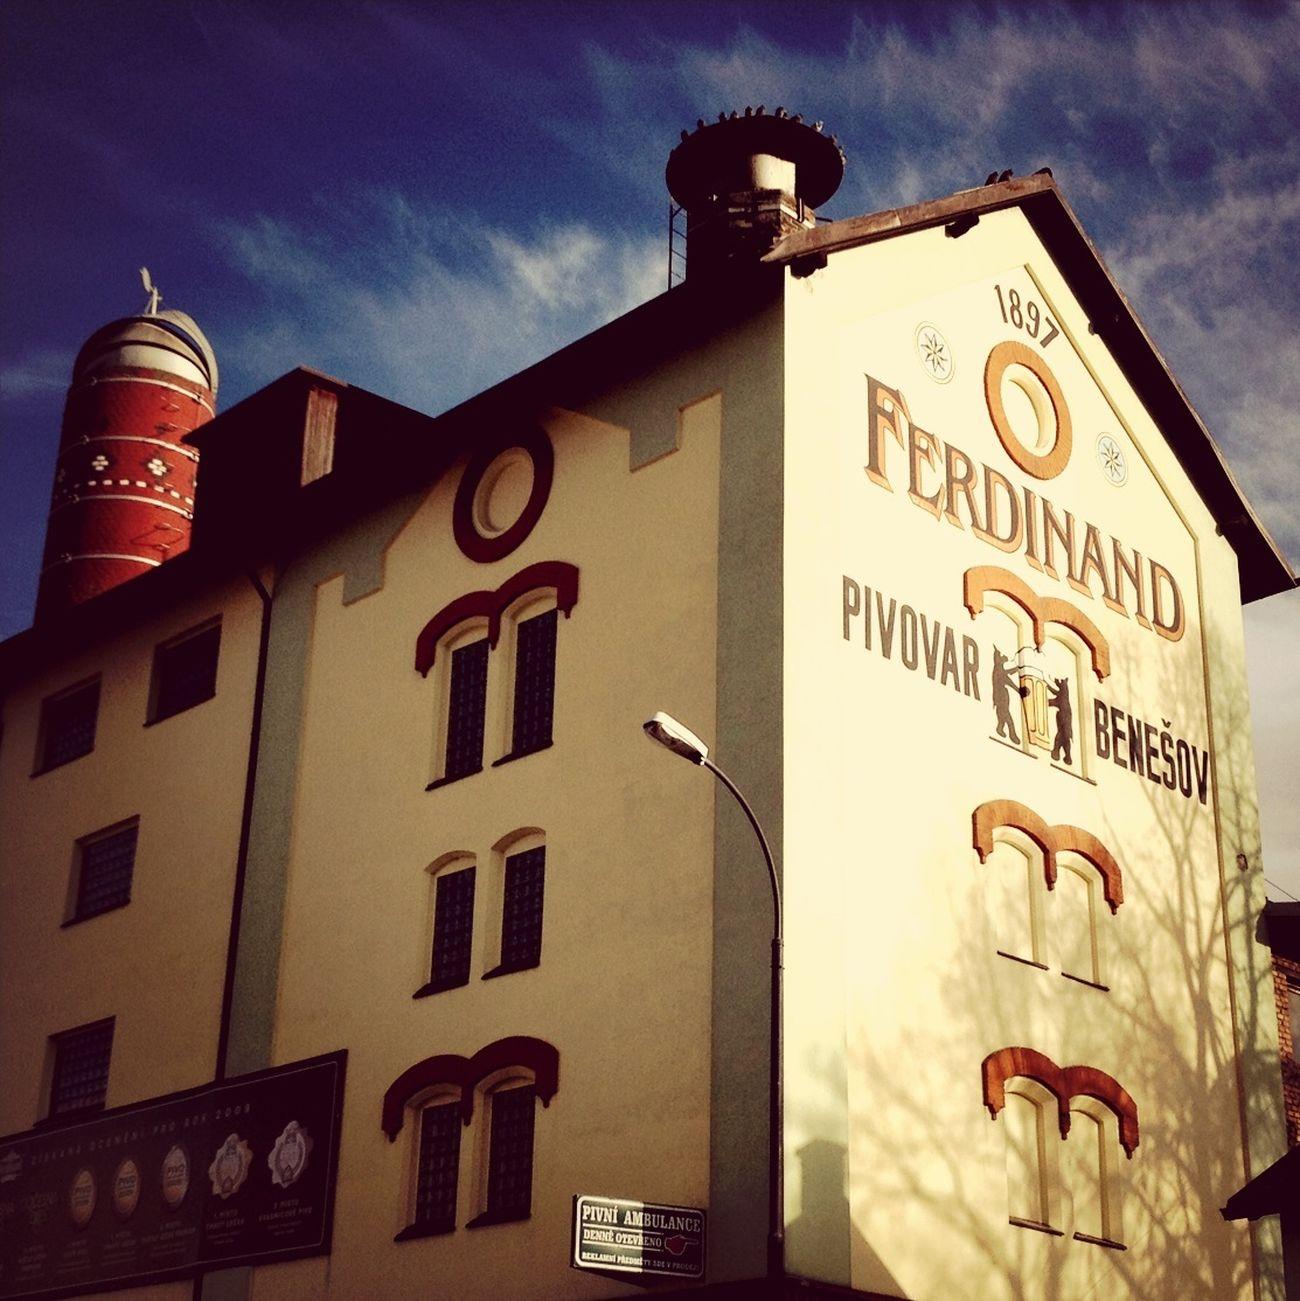 Brewery Ferdinand Beer Czech Beer